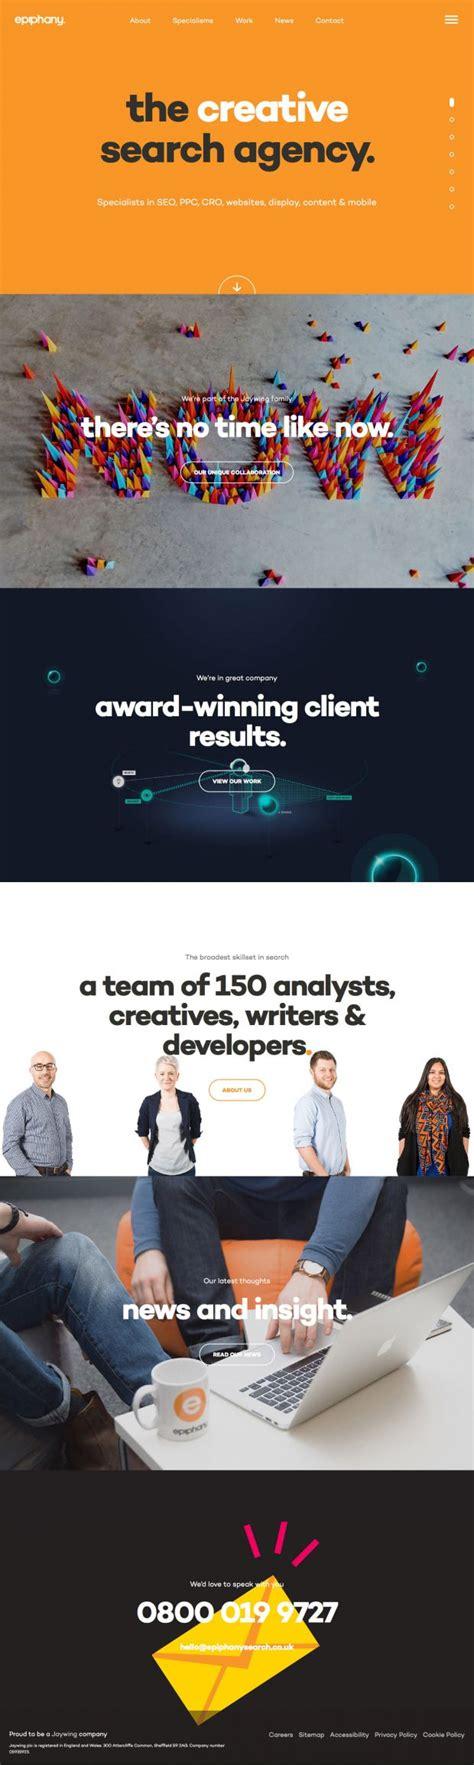 Seo Digital Marketing Agency by Epiphany 2015 Seo And Digital Marketing Agency